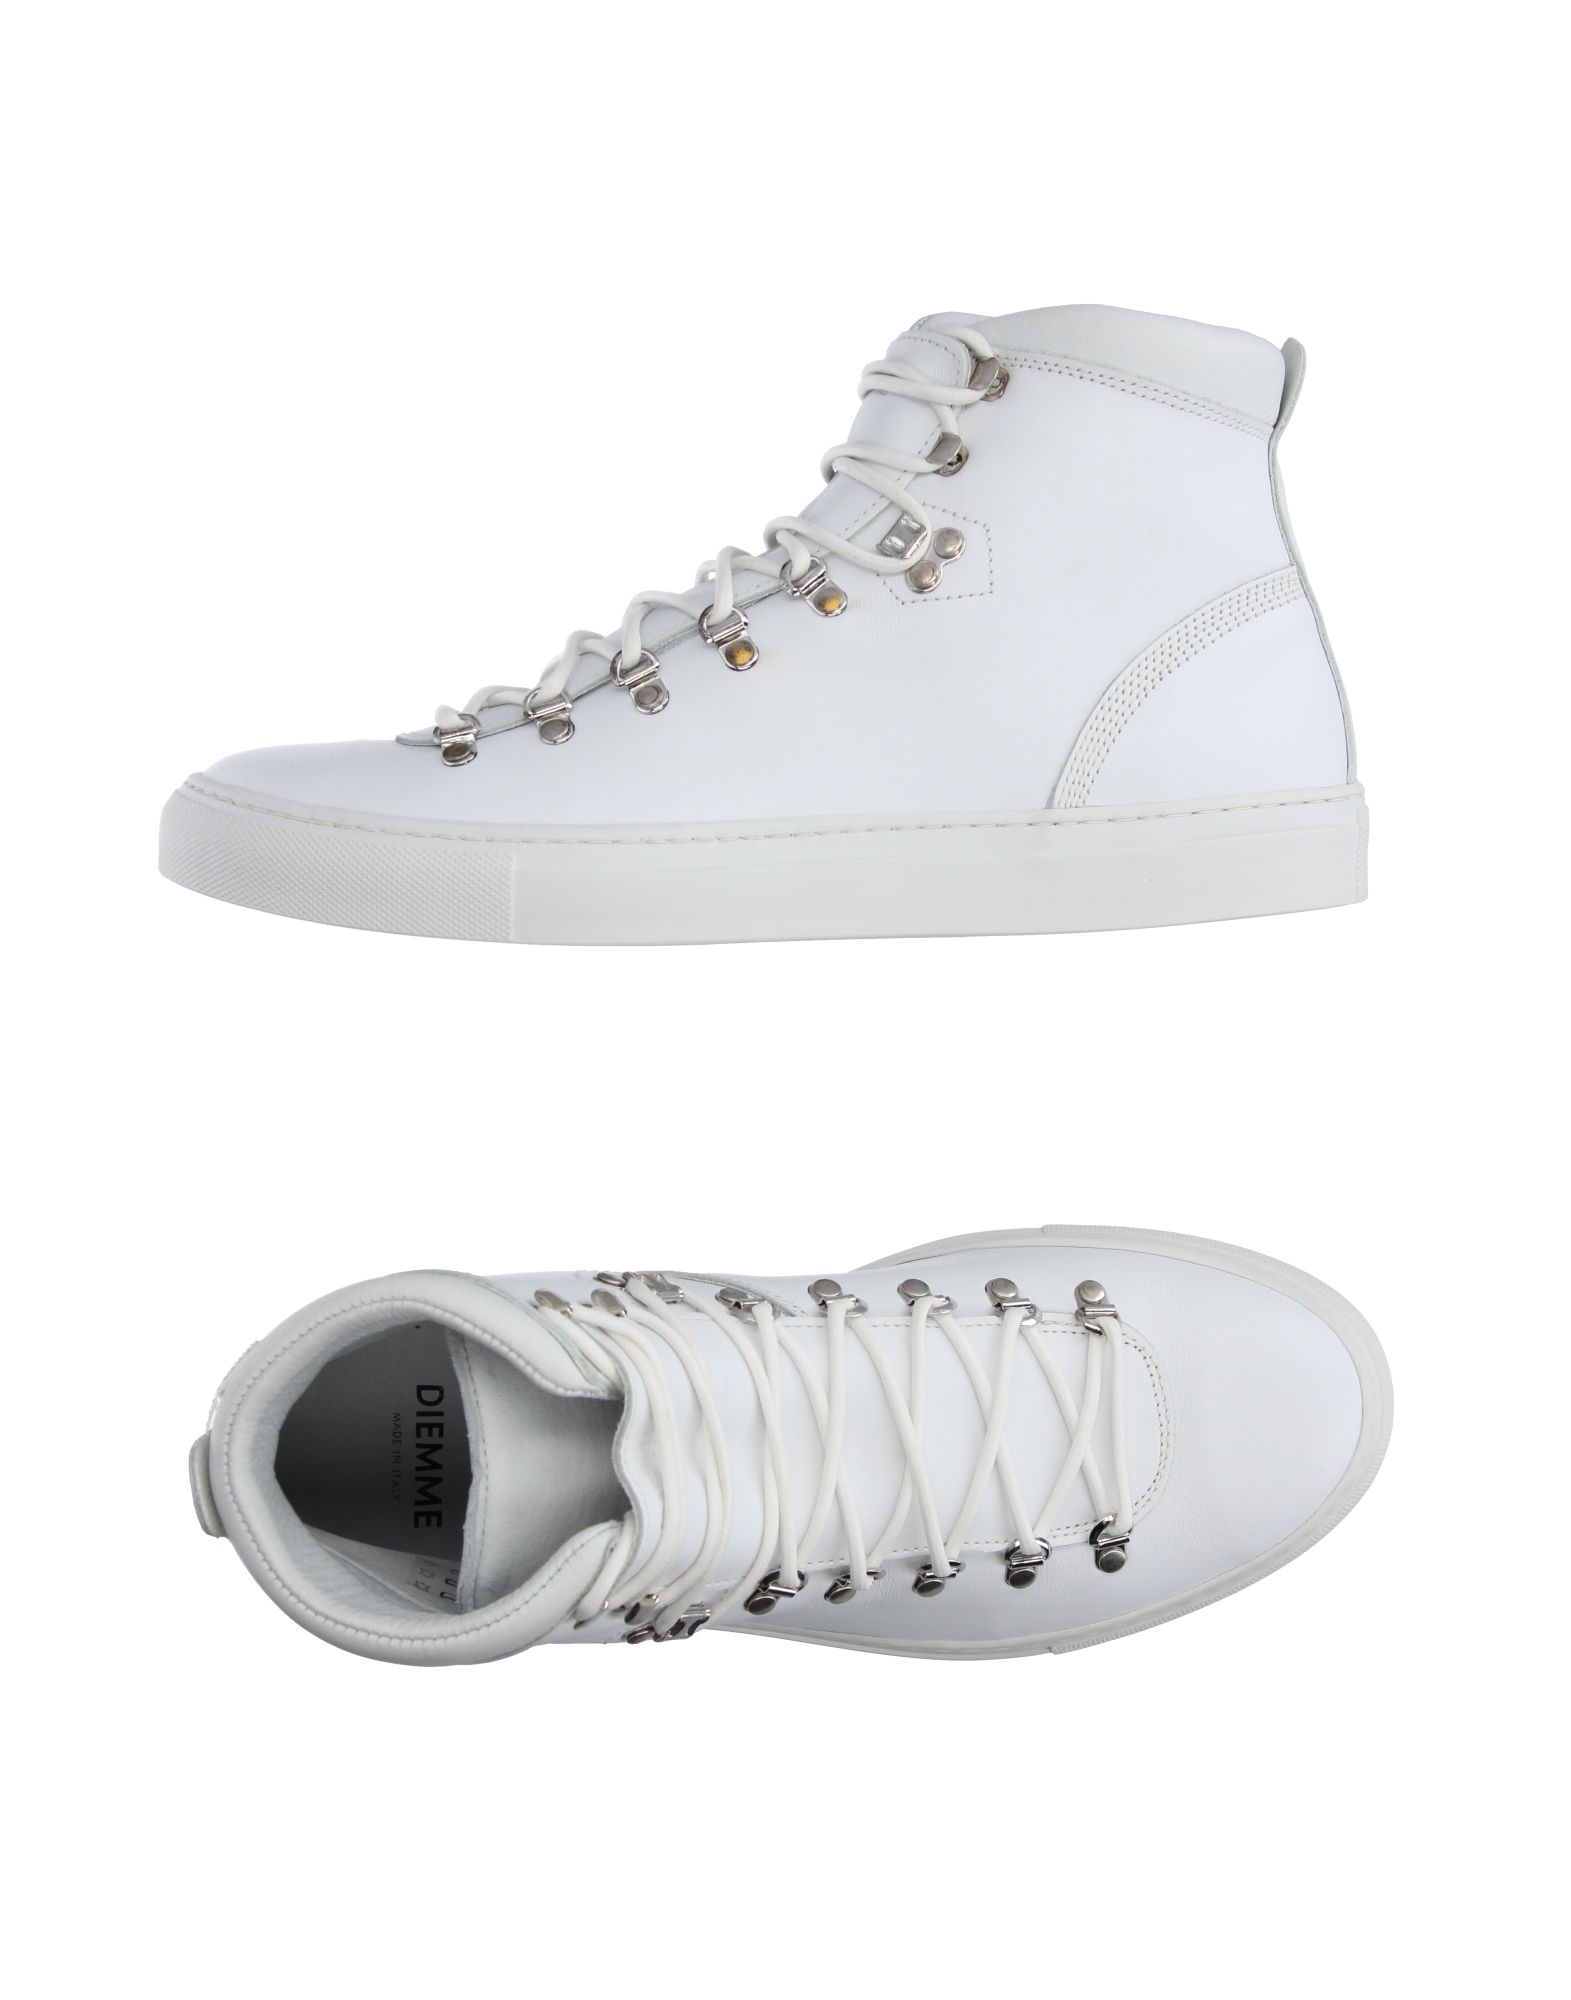 Diemme Heiße Sneakers Herren  11207218UM Heiße Diemme Schuhe 5b6a82